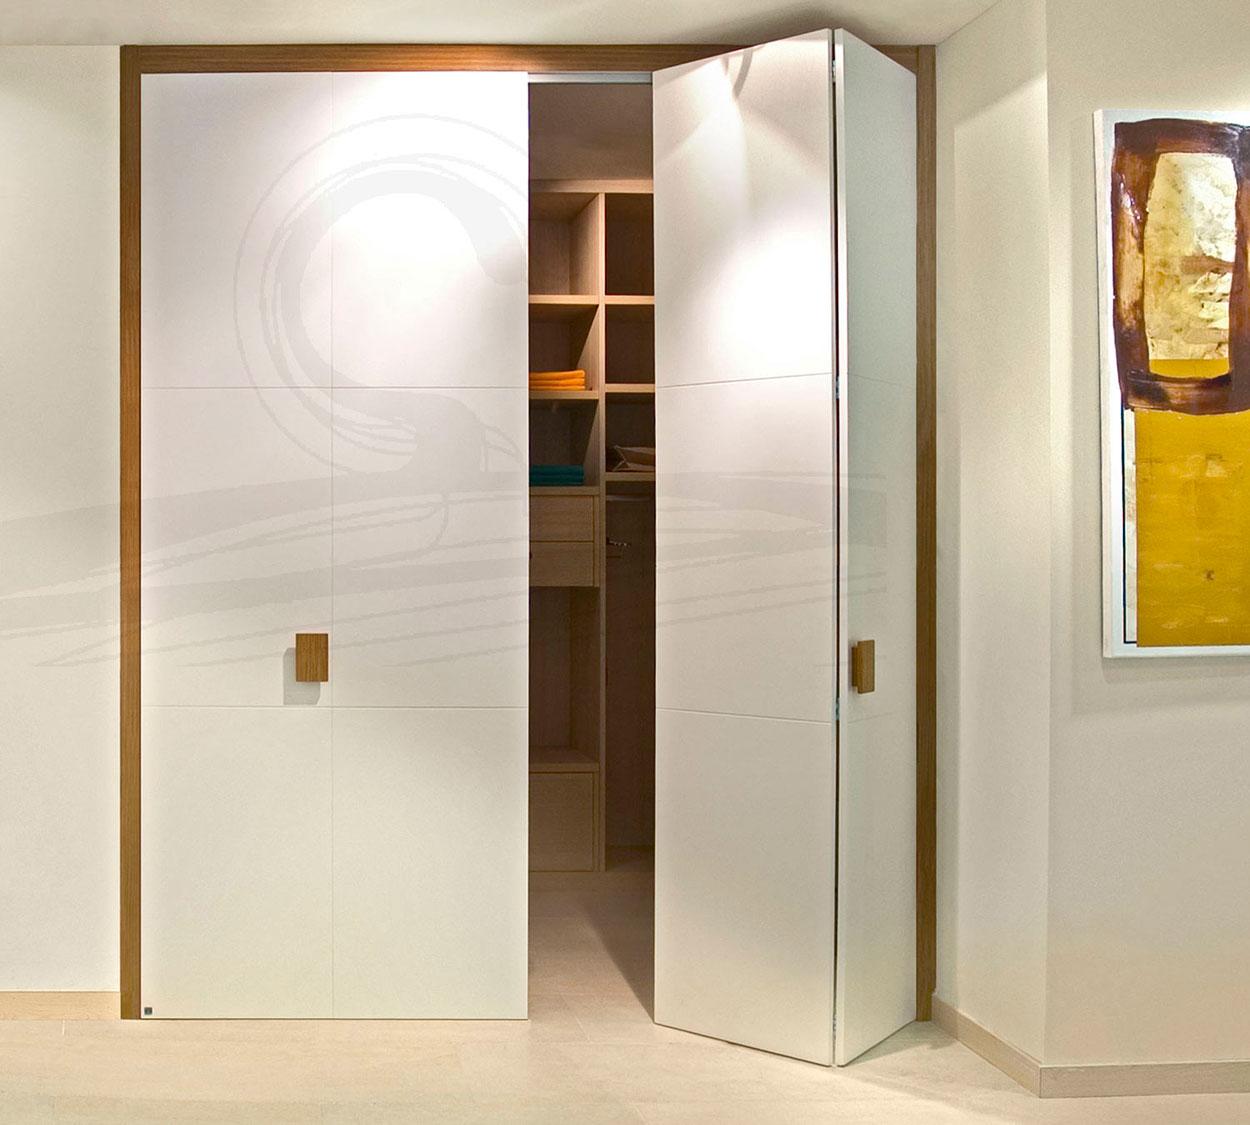 Puertas correderas a coru a puertas rototraslantes for Puertas para interior baratas